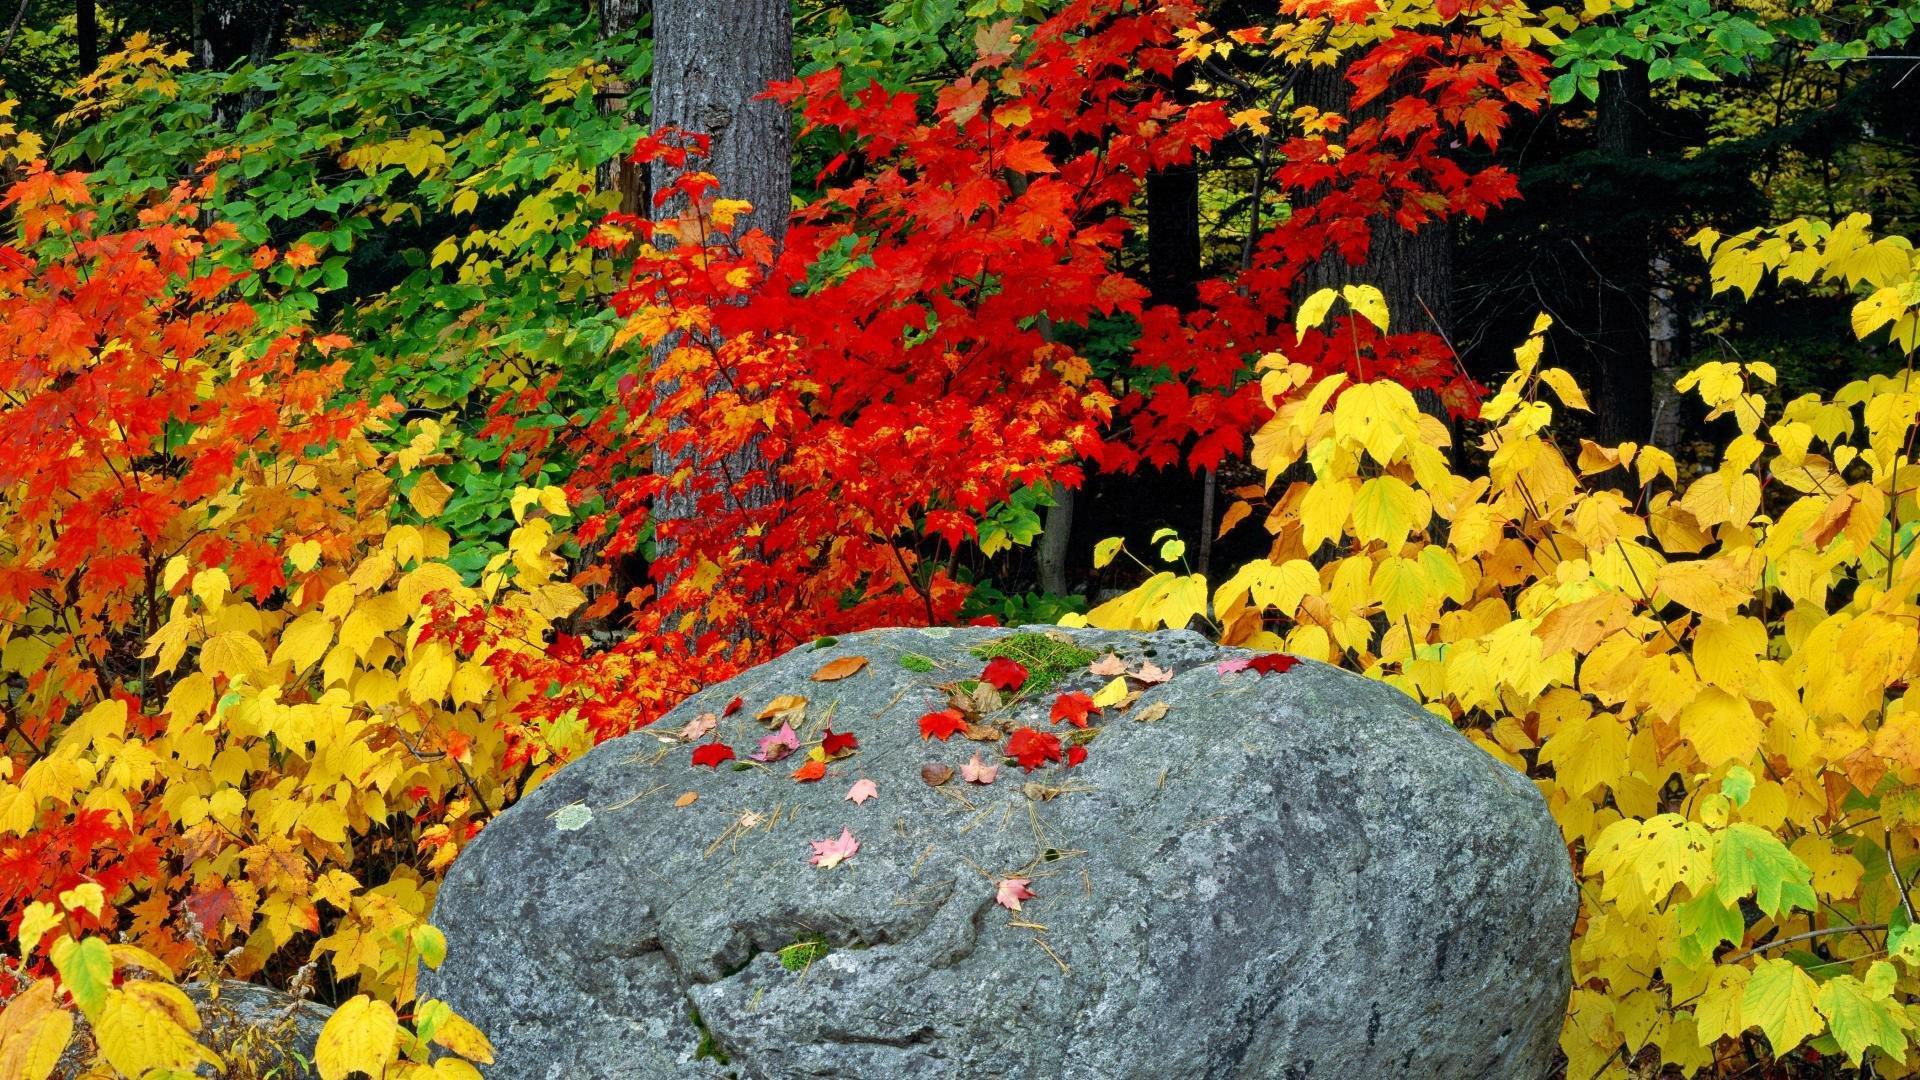 秋のアディロンダック 葉の壁紙 19x1080 Wallpapertip